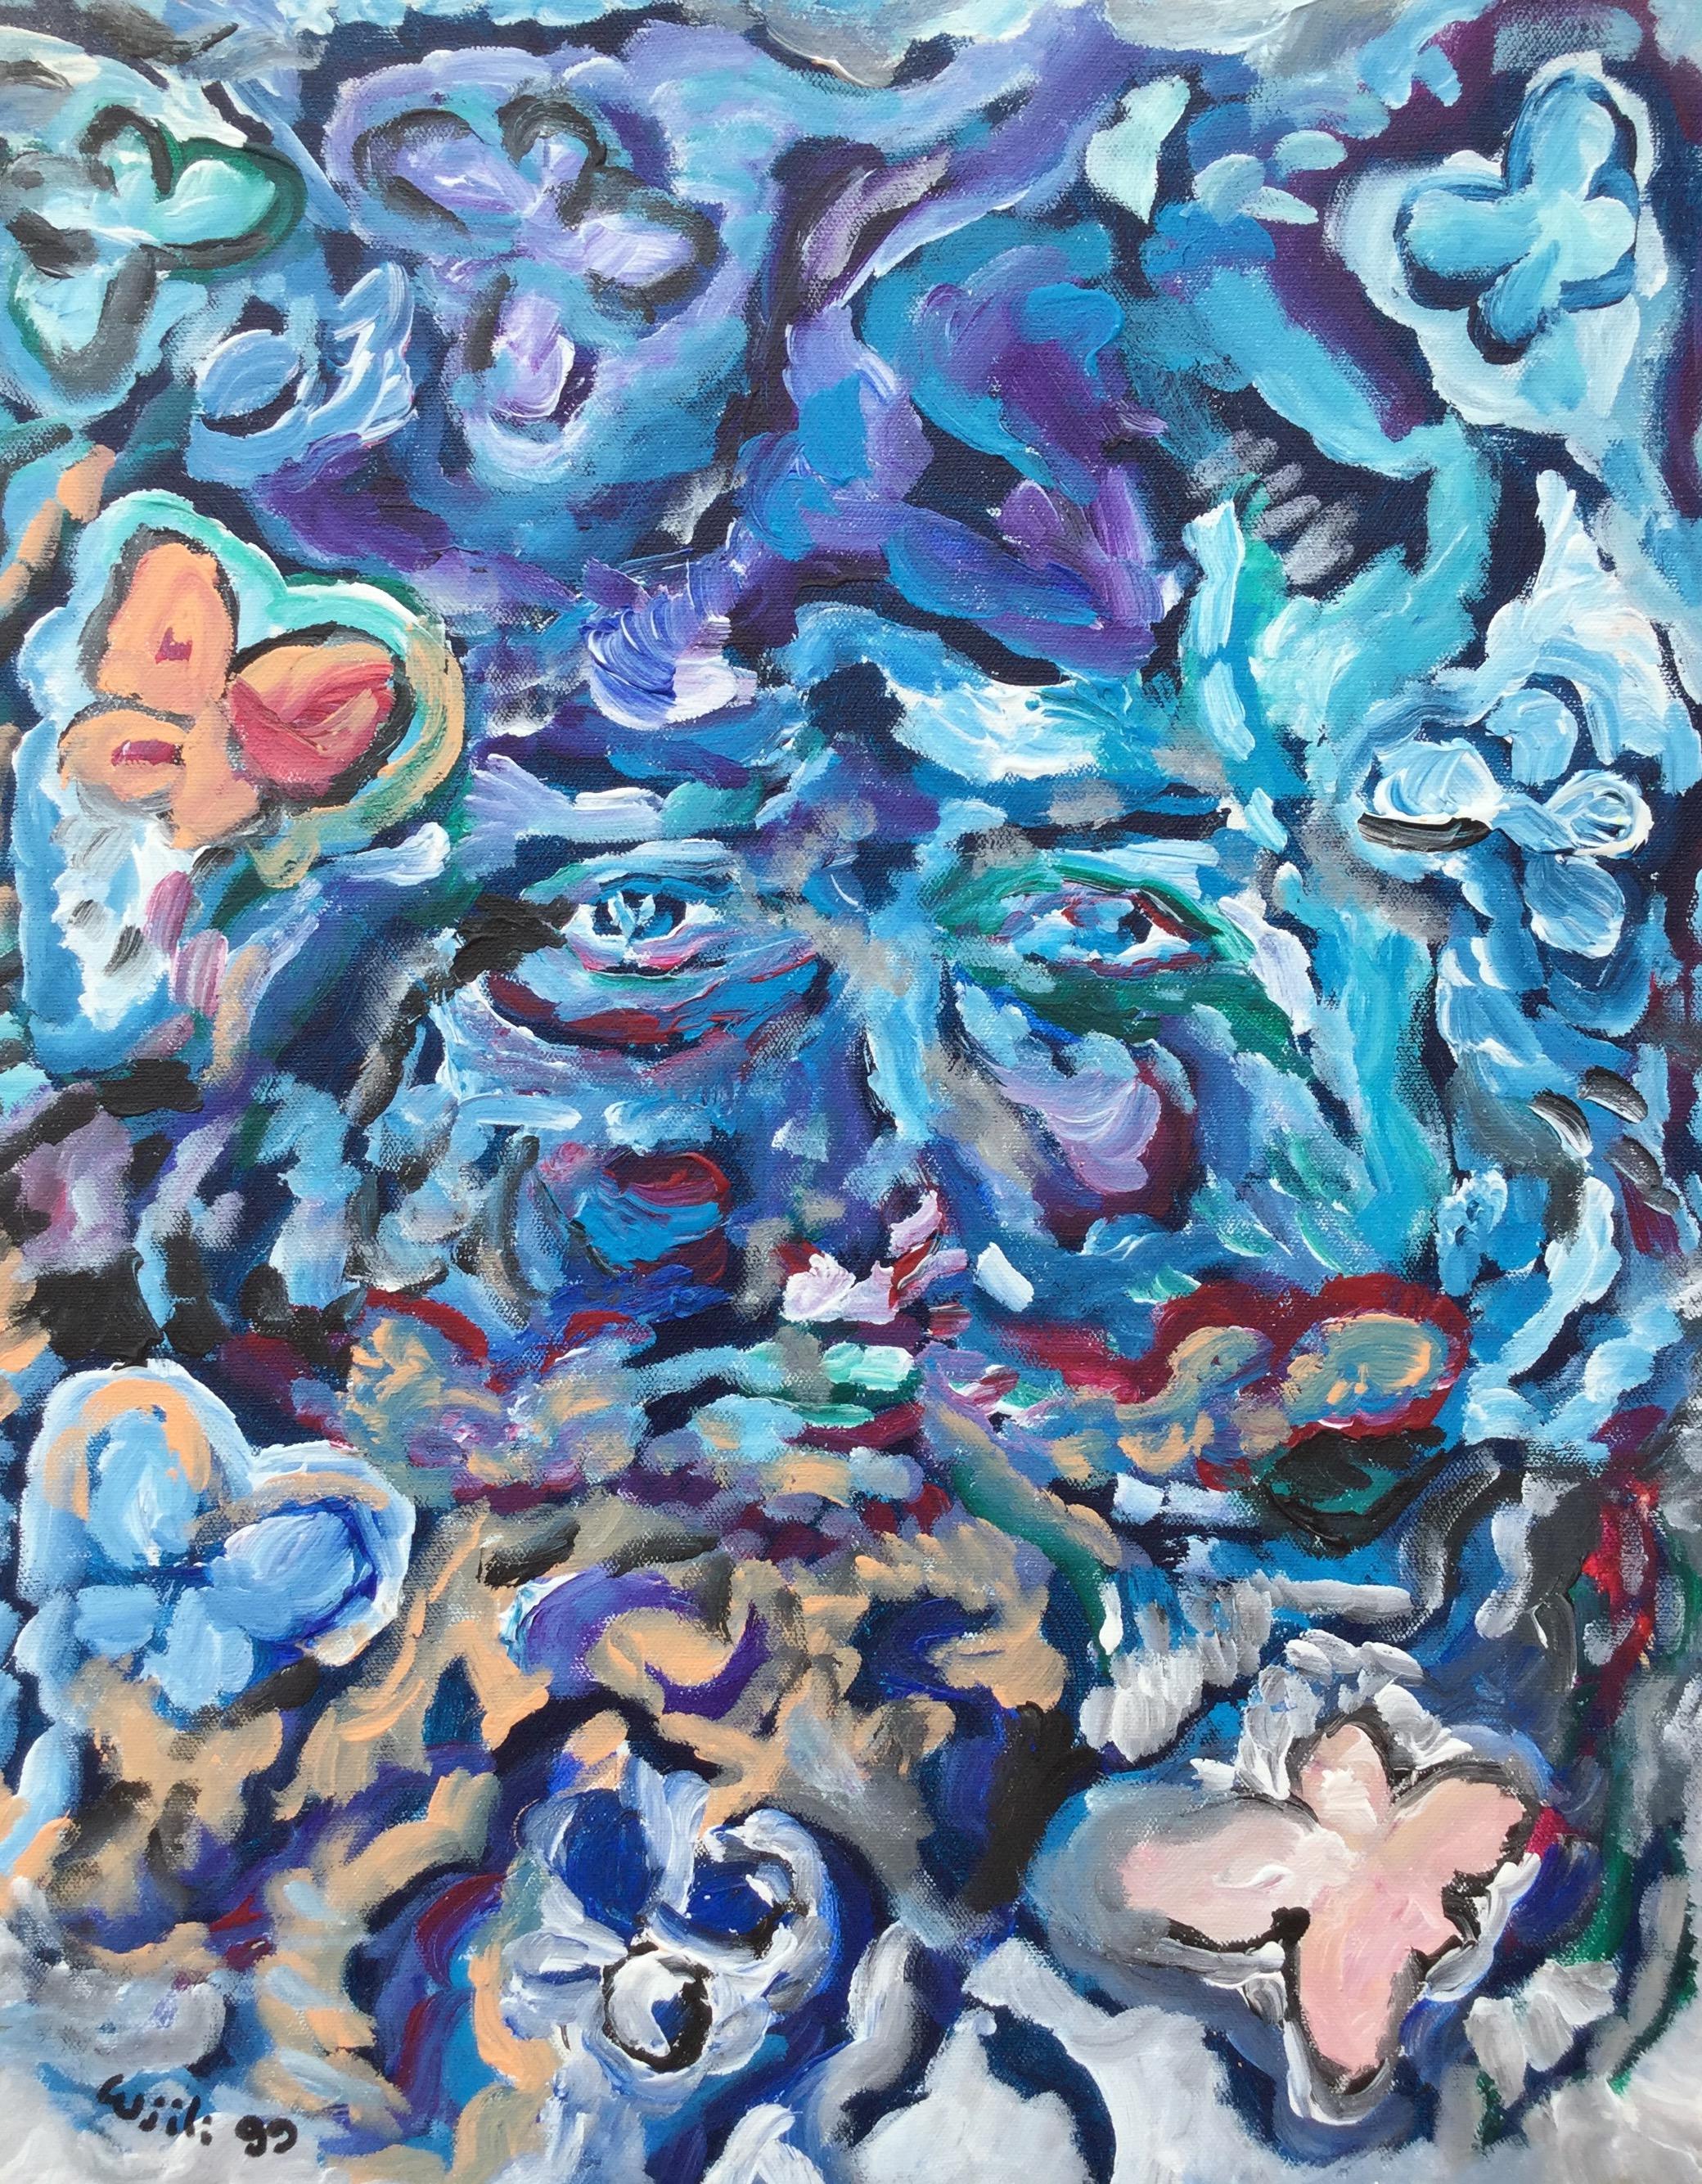 Blue Wiili *